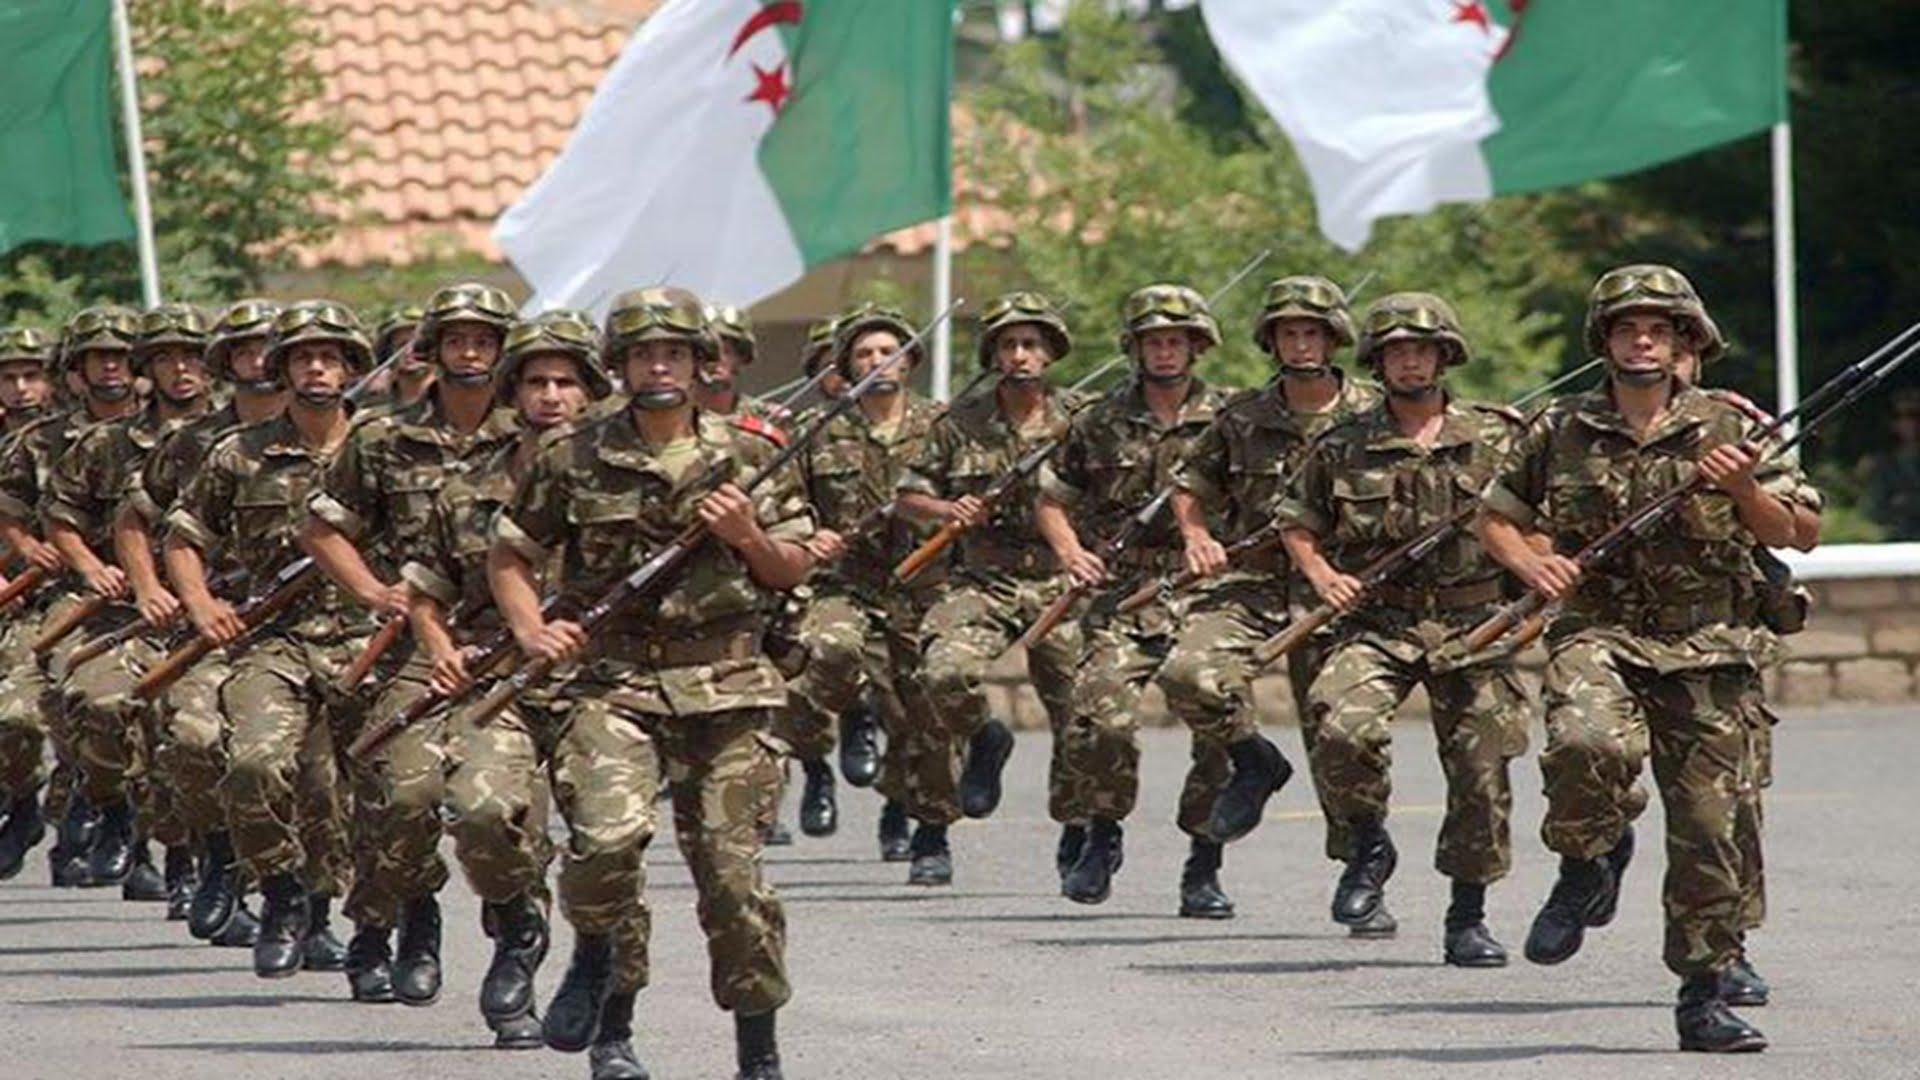 بعد انسحاب فرنسا.. هل تستعد الجزائر للتدخل في مالي؟